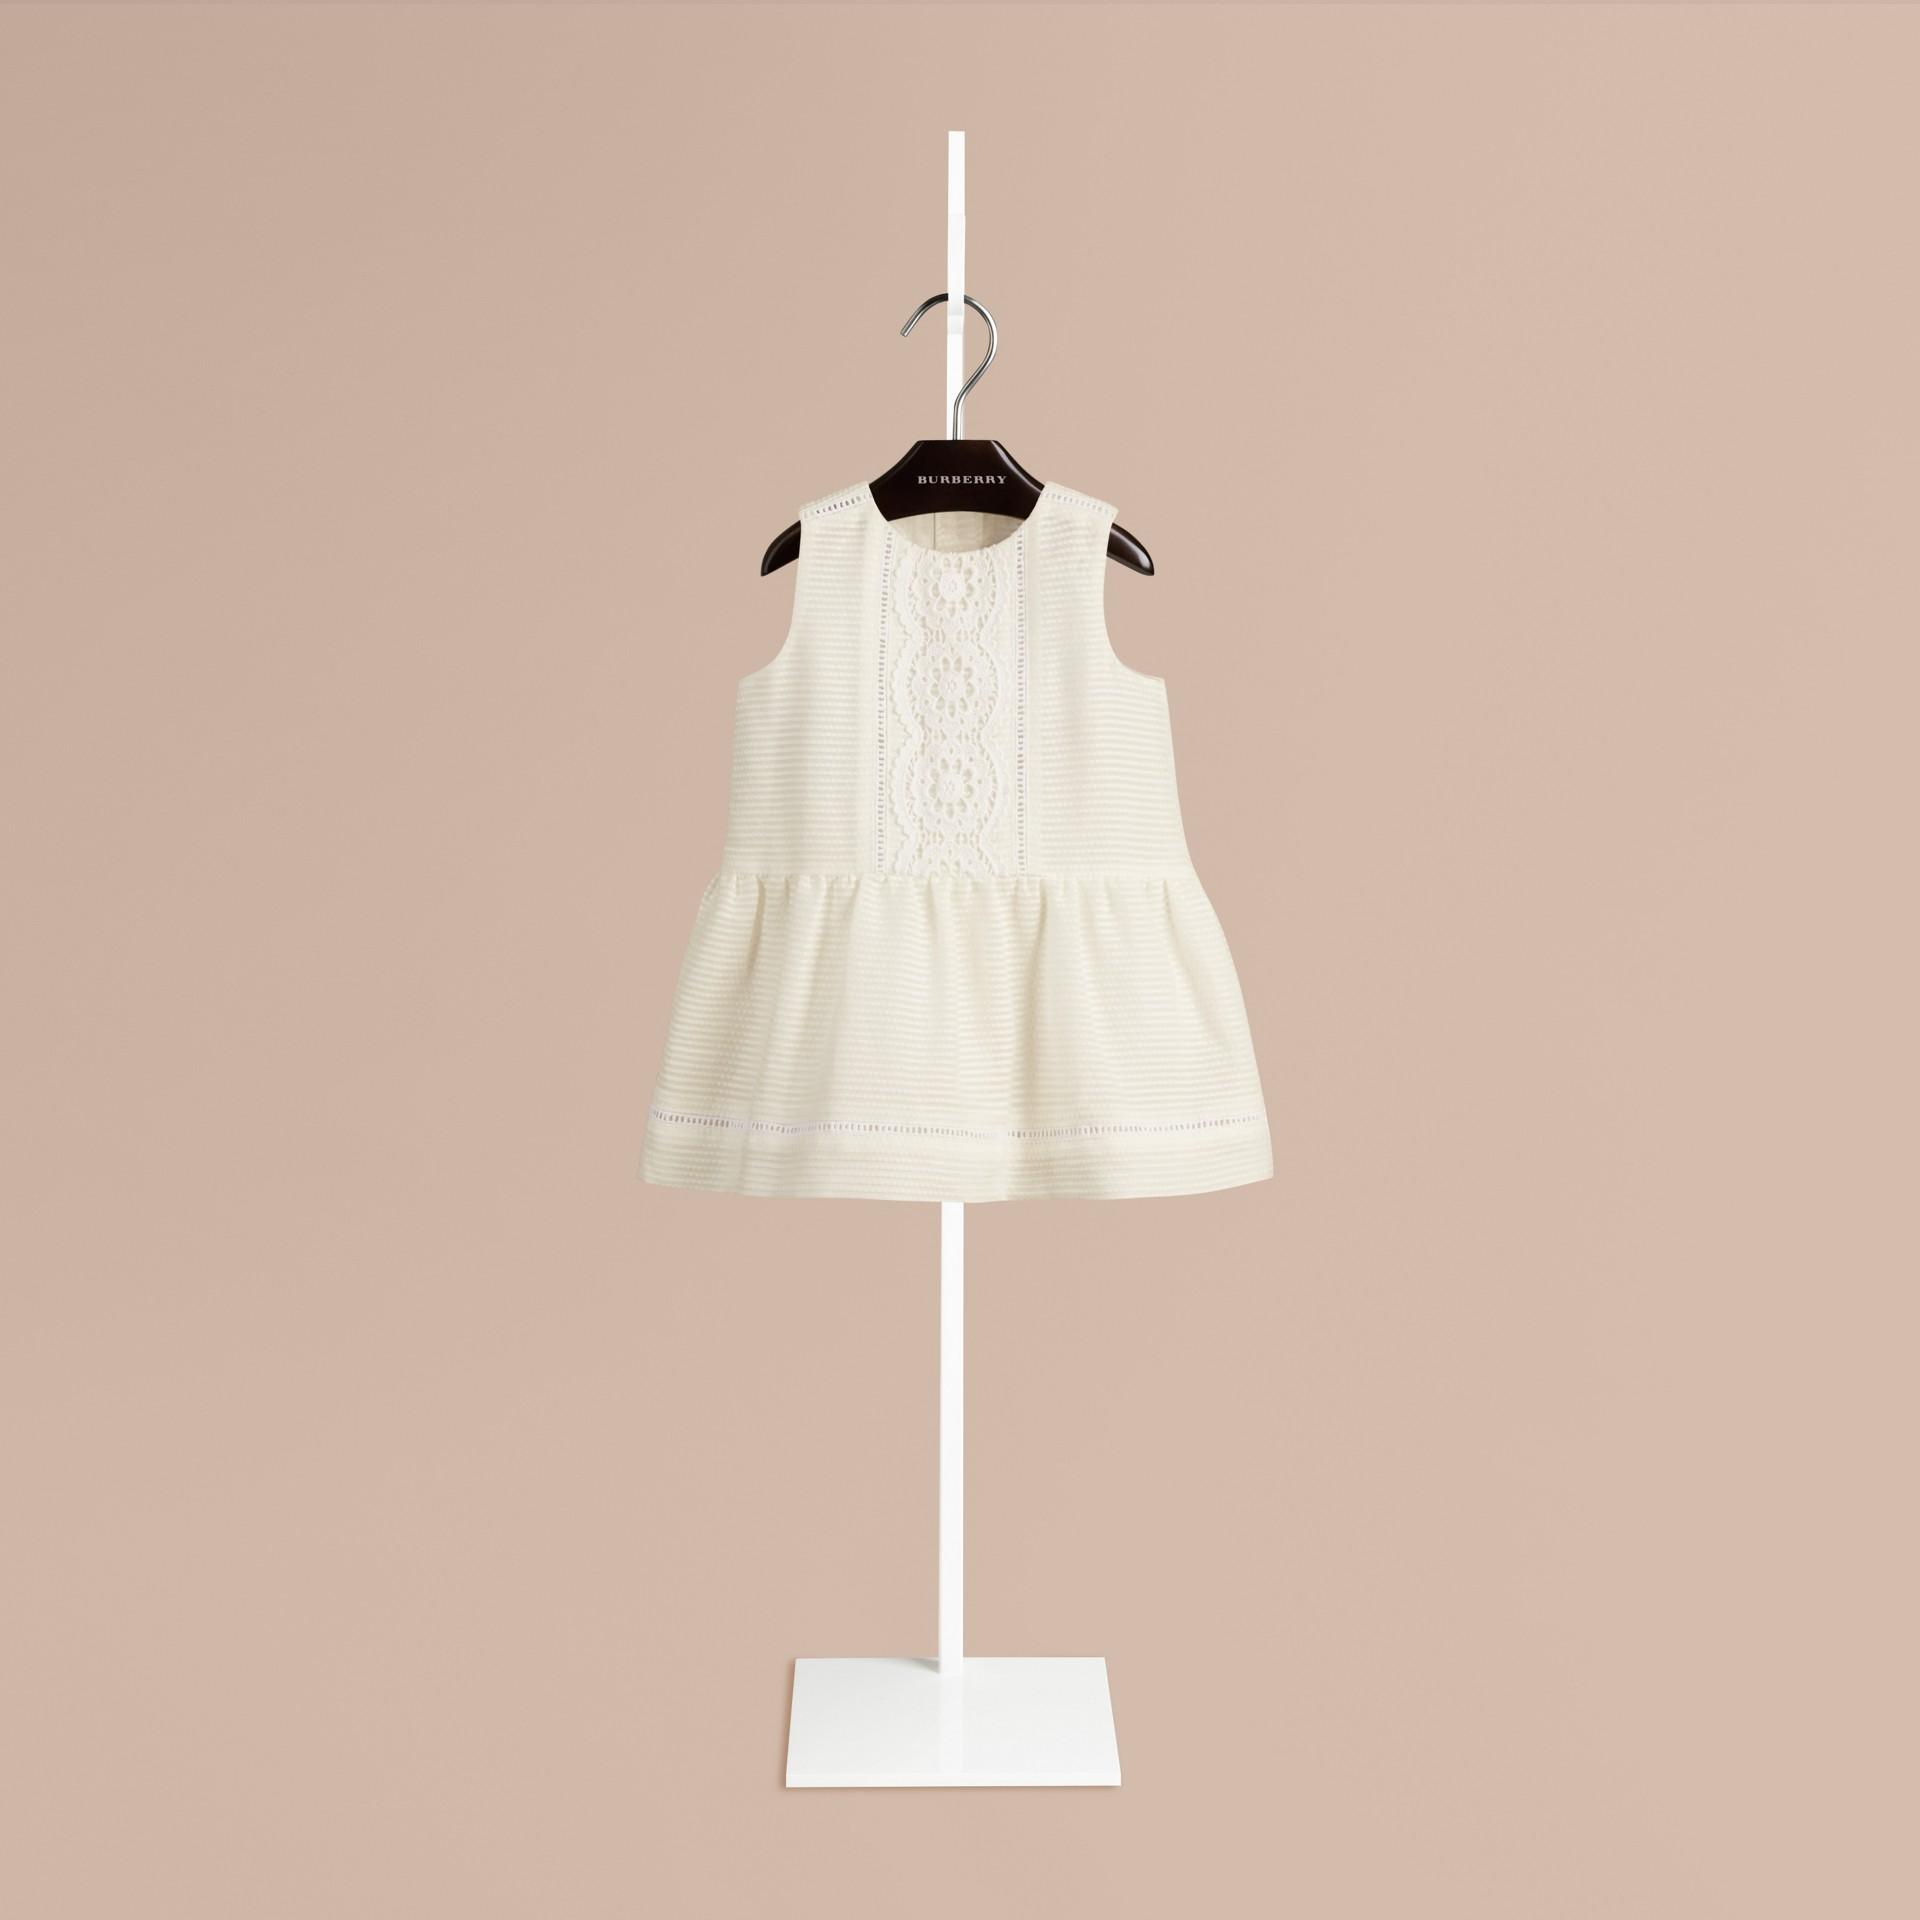 ホワイト オープンステッチディテール・コットンシルク・ドレス - ギャラリーイメージ 1